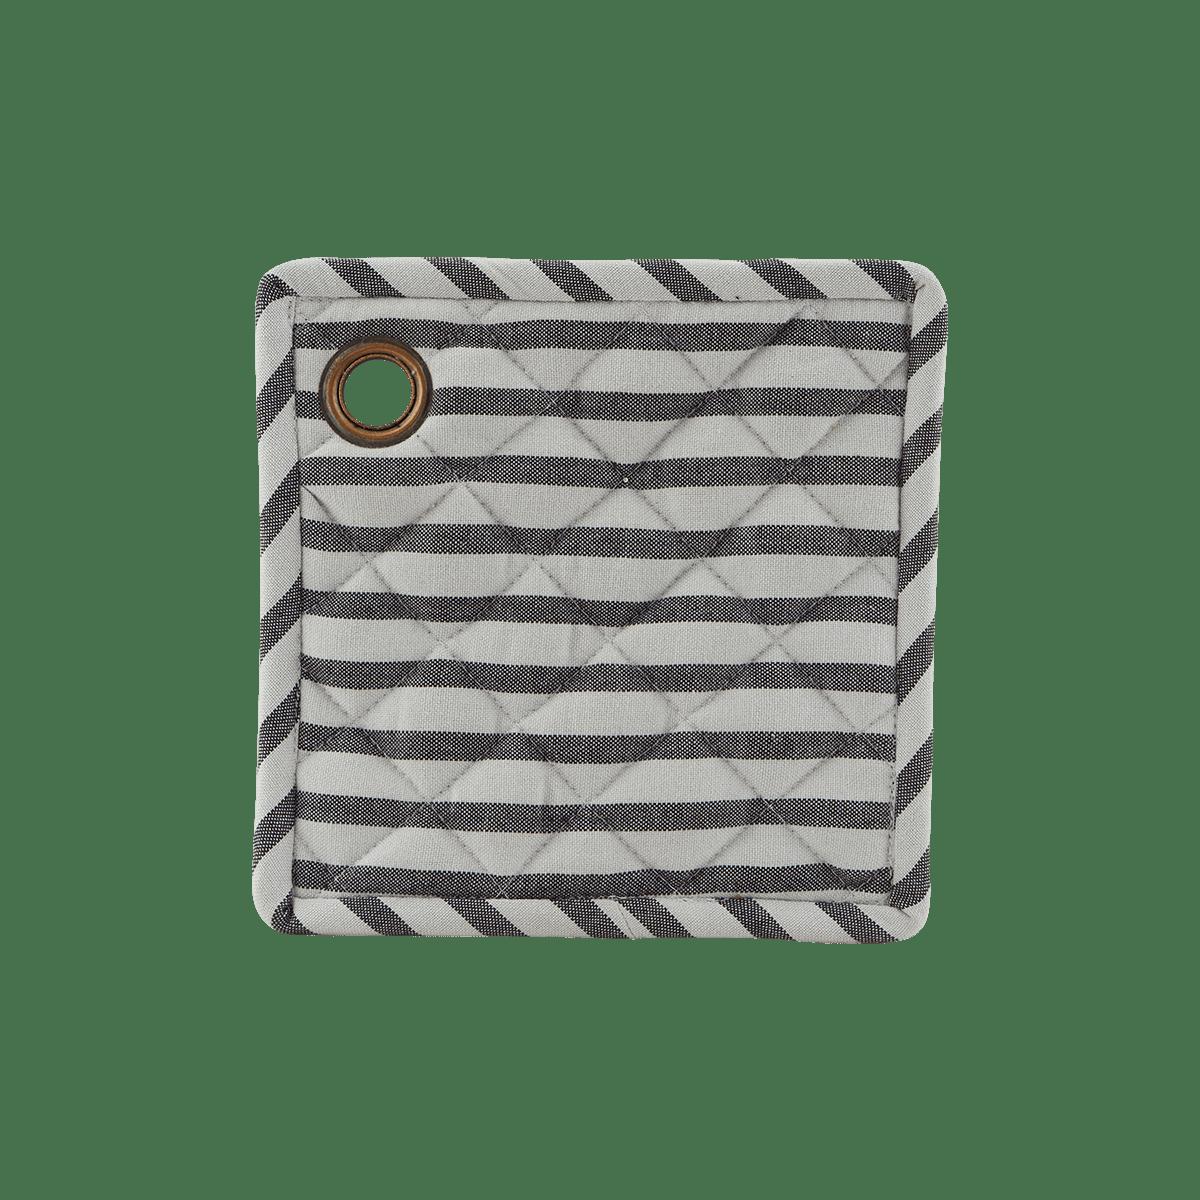 Bíločerná čtvercová chňapka Stripe - set 2 kusů